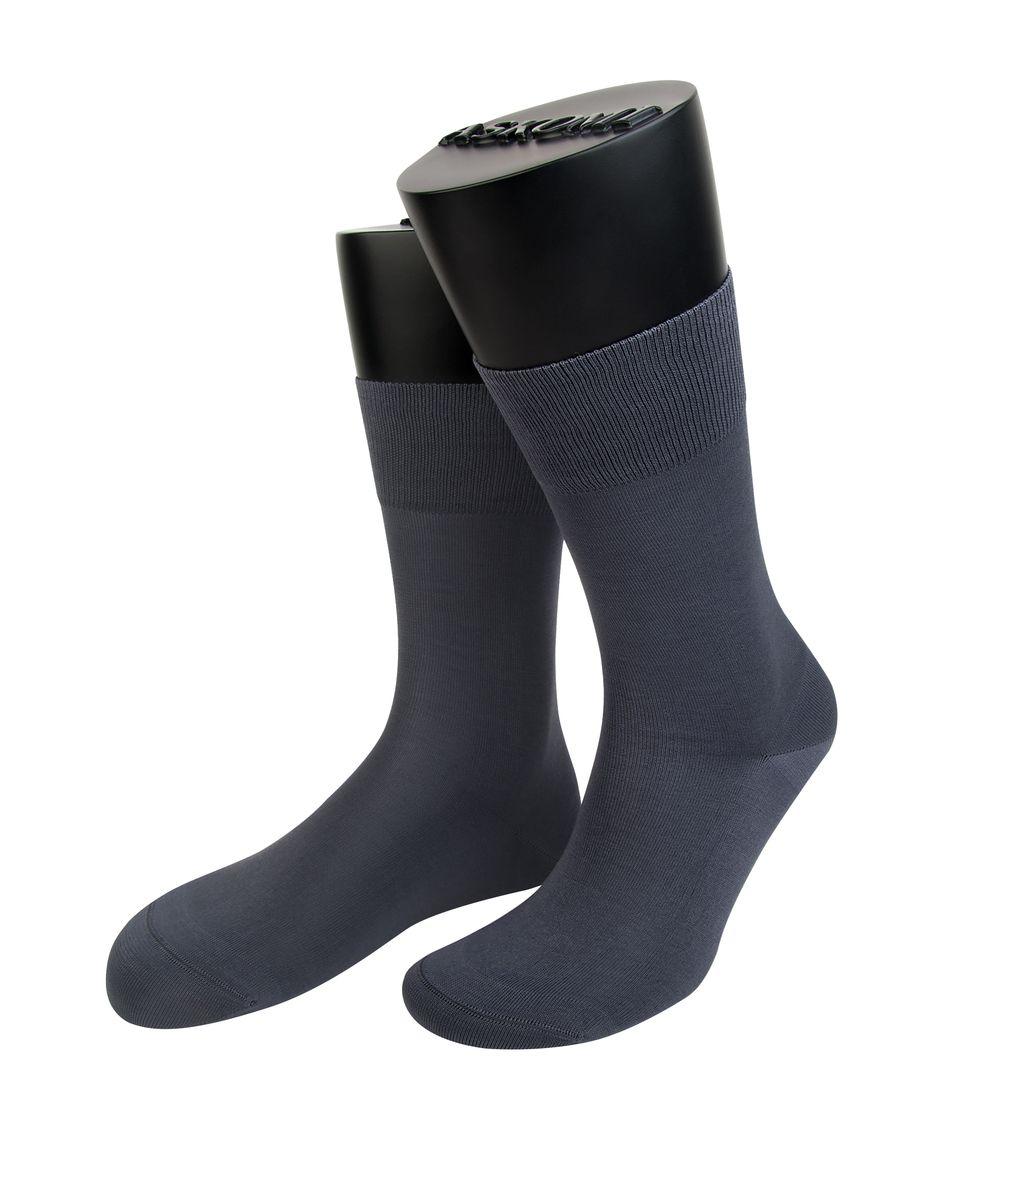 Носки мужские Askomi Classic, цвет: серый. АМ-7150_2304. Размер 27 (41-42)АМ-7150_2304Мужские носки Askomi Classic для повседневной носки выполнены из мерсеризованного хлопка Pima. Использована двойная плотная нить, благодаря чему носок приобретает эластичность без добавления синтетических нитей. Носок и пятка укреплены, что значительно увеличивает износостойкость носков. Двойной борт для плотной фиксации не пережимает сосуды. Кеттельный шов не ощутим для ноги.